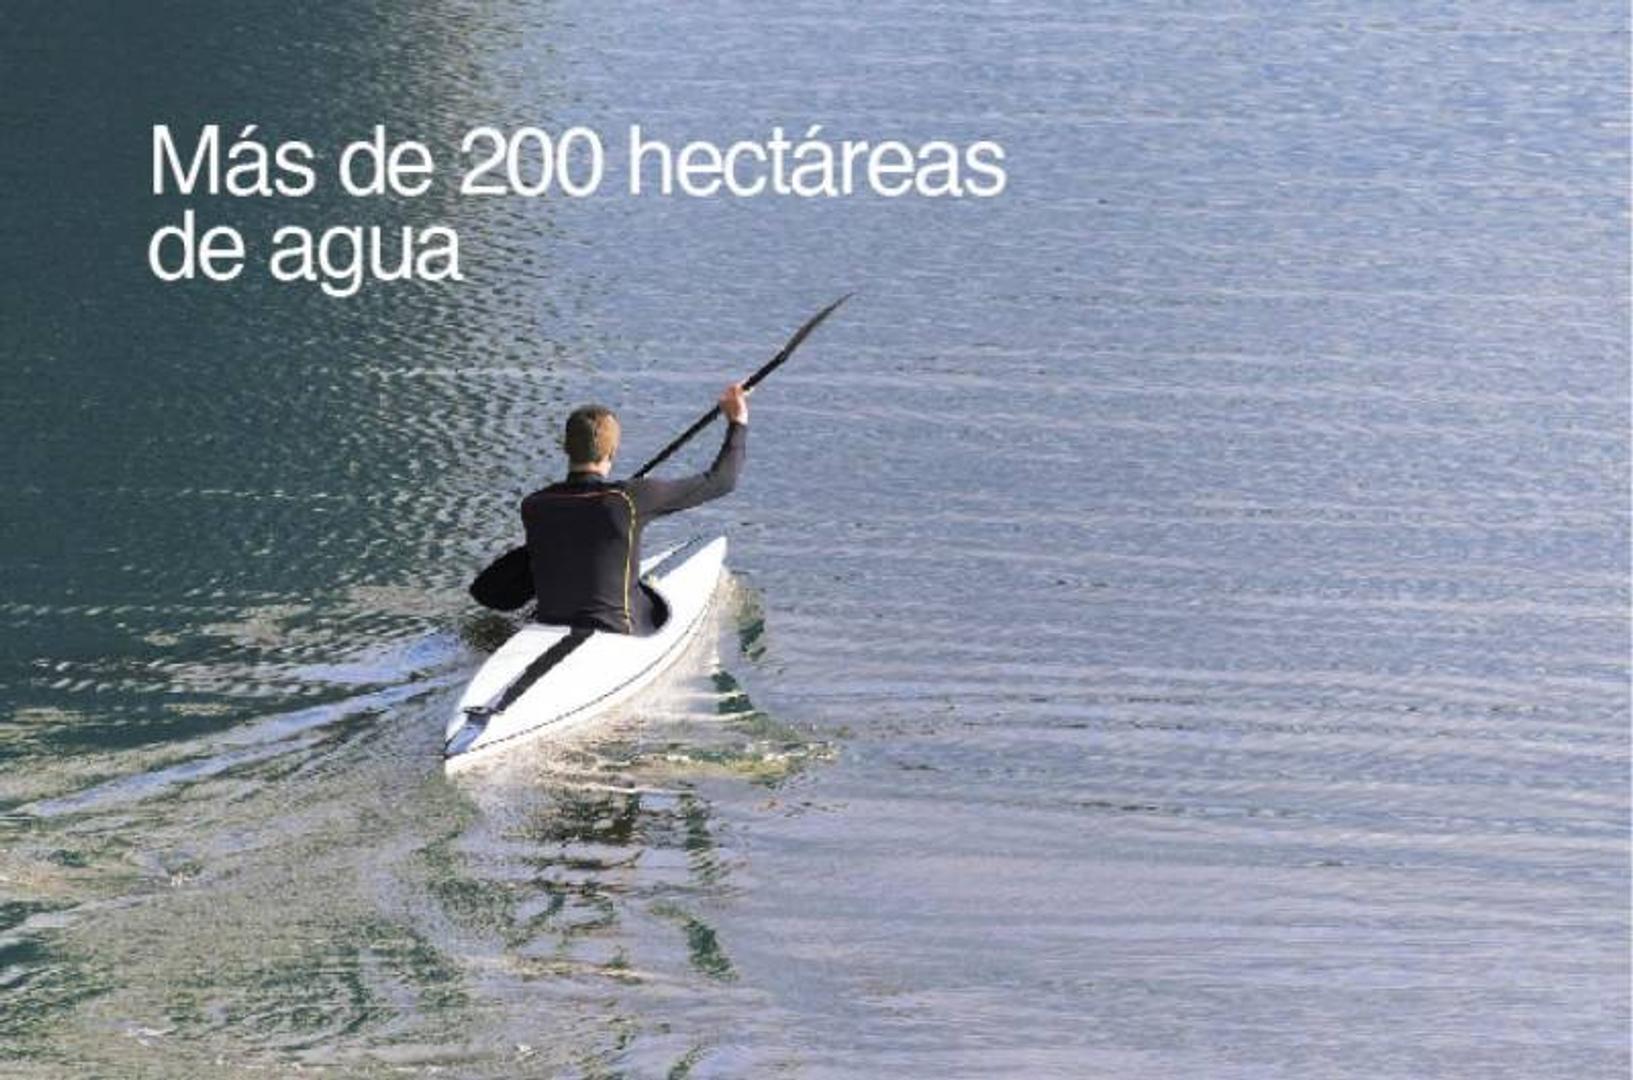 PUERTOS - BARRIO ARAUCAURIAS - RAMAL ESCOBAR KM 45 - LOTE 72 - 100